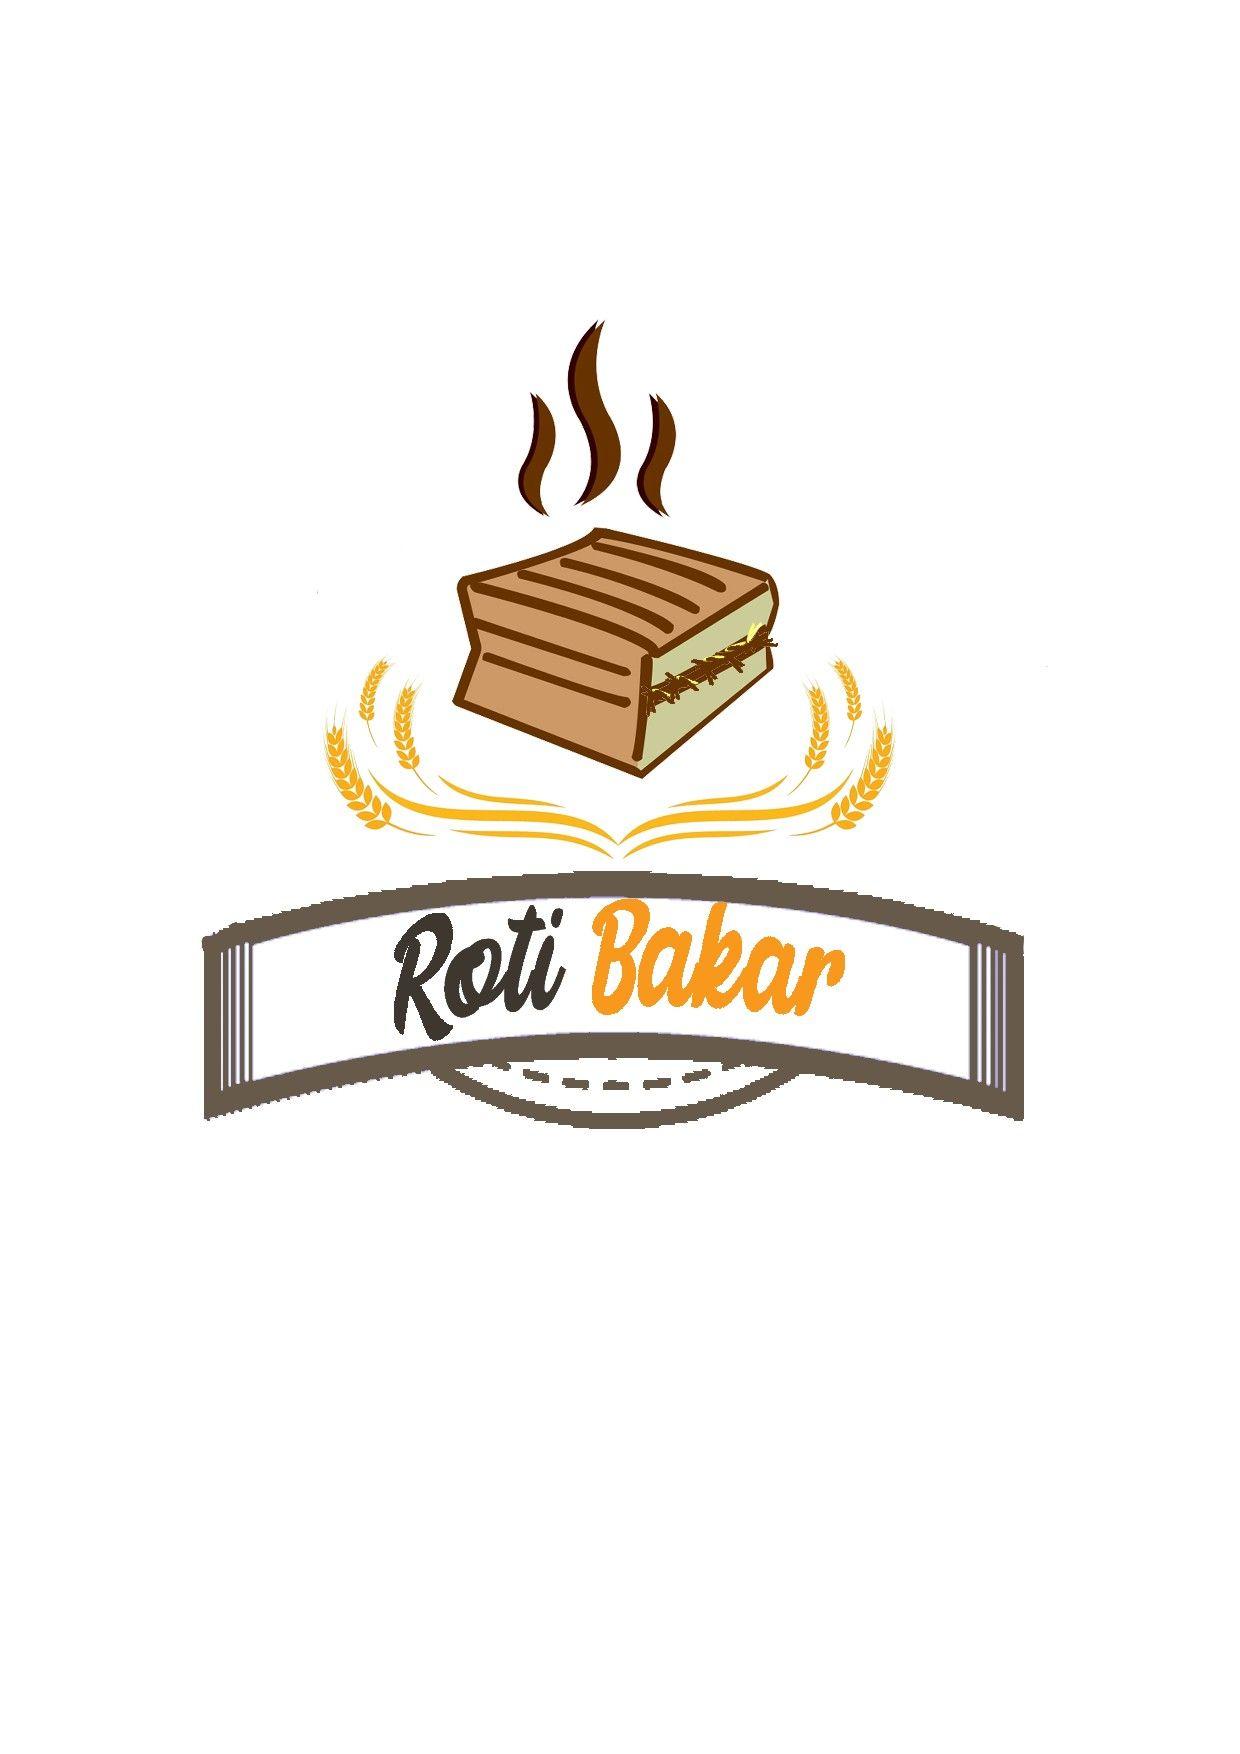 Logo Roti Bakar Buku Mewarnai Buku Ilustrasi Lucu